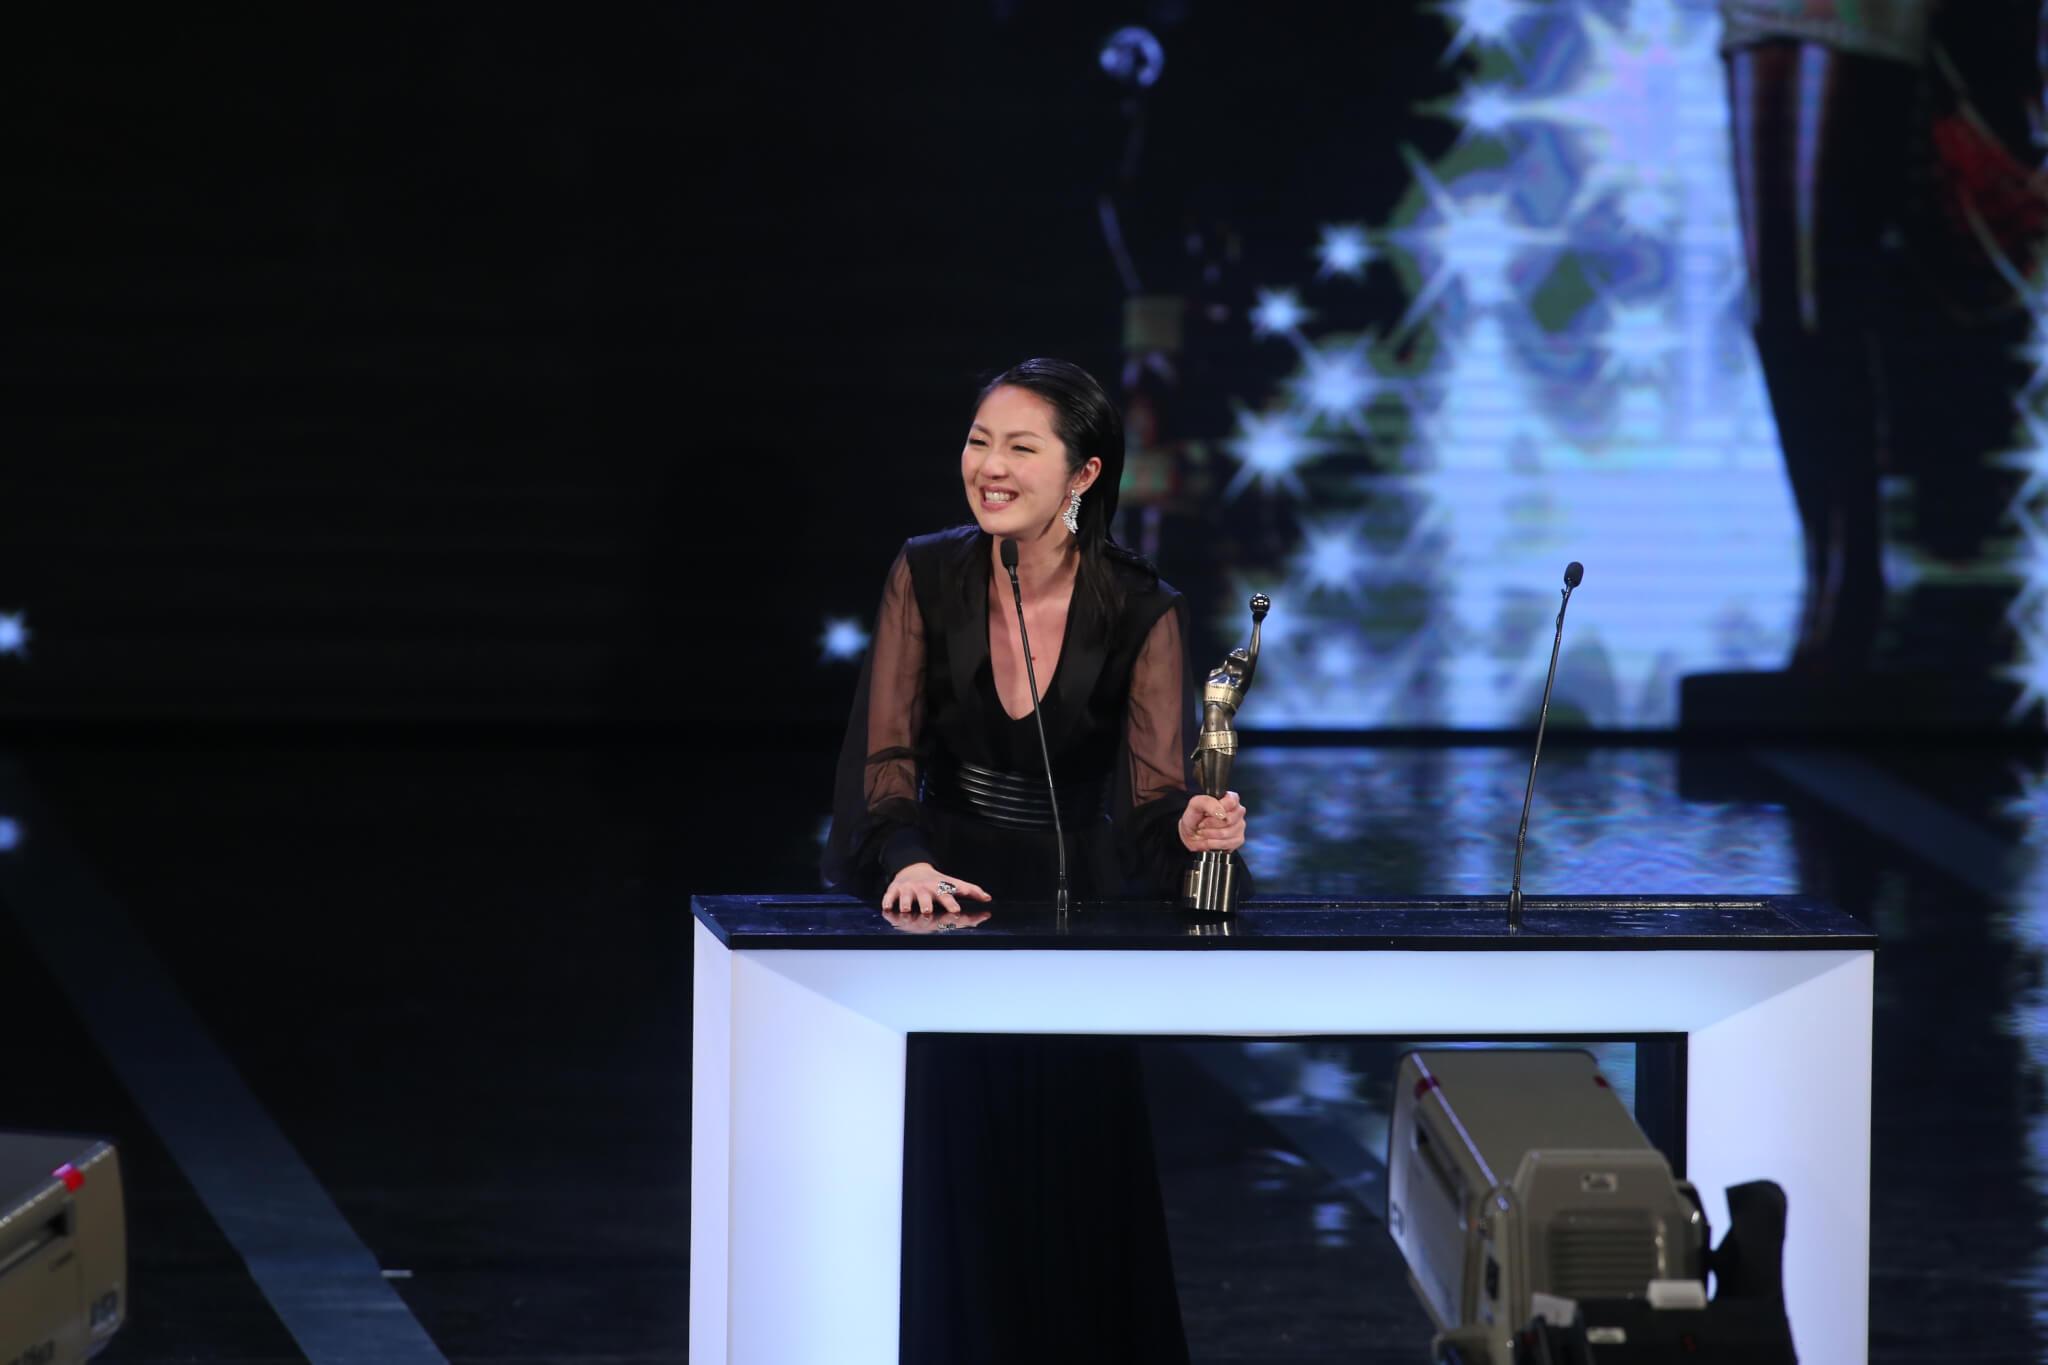 憑《春嬌與志明》首奪影后,千嬅忍痛上台領獎。